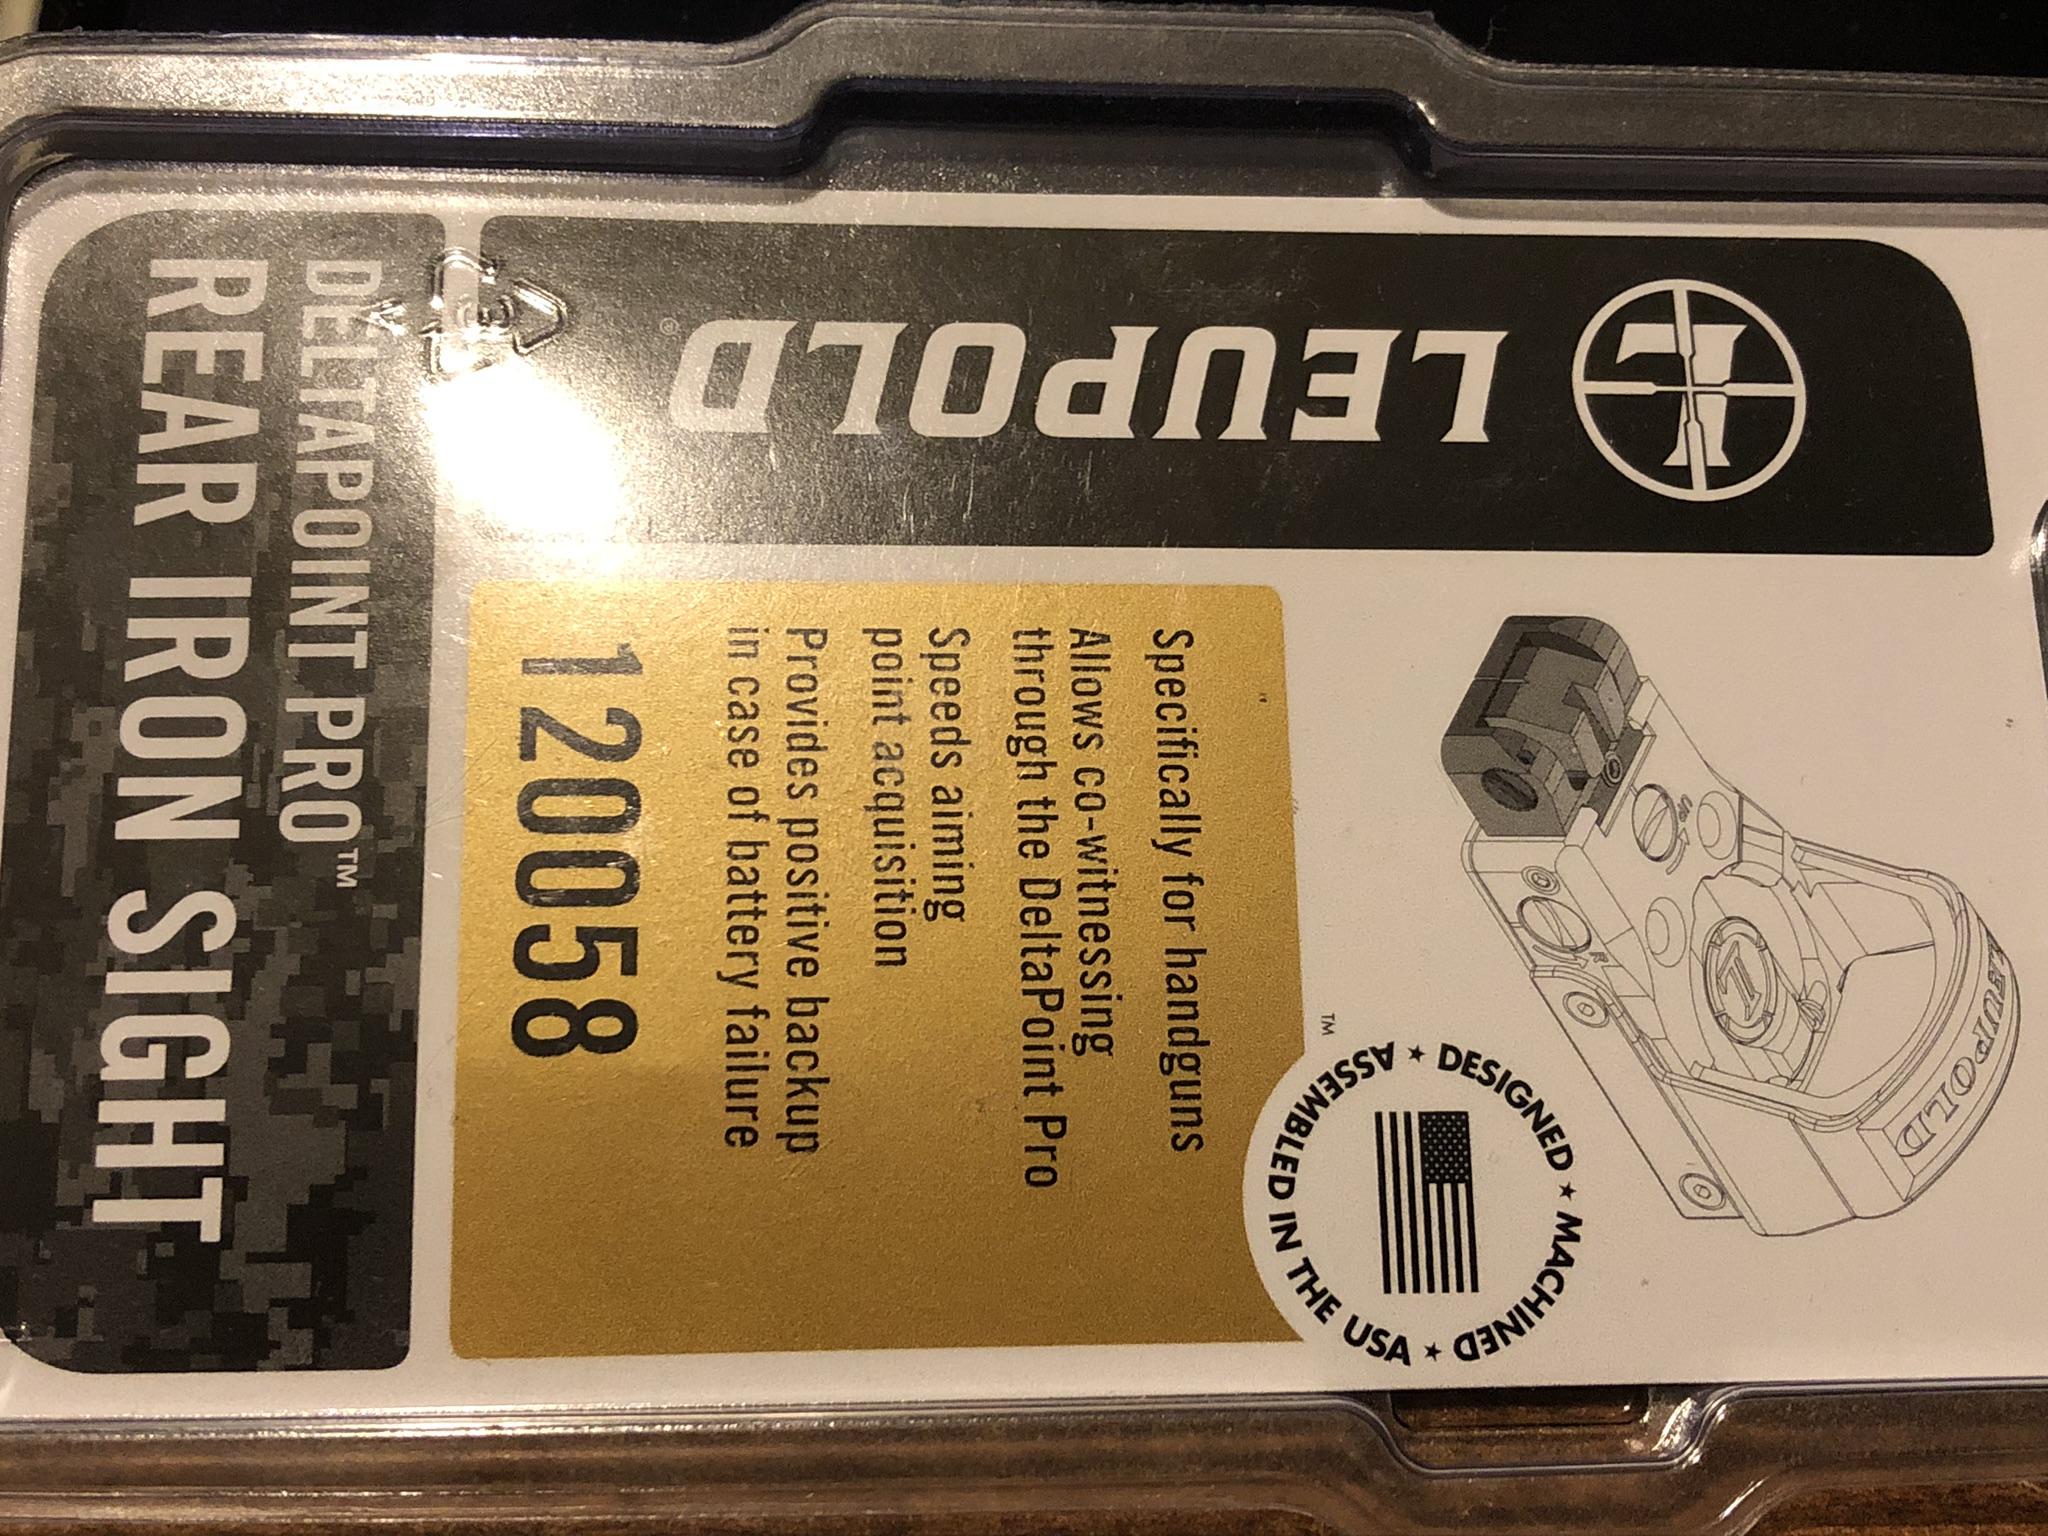 Complete Glock 34 slide milled for Leupold DeltaPoint Pro